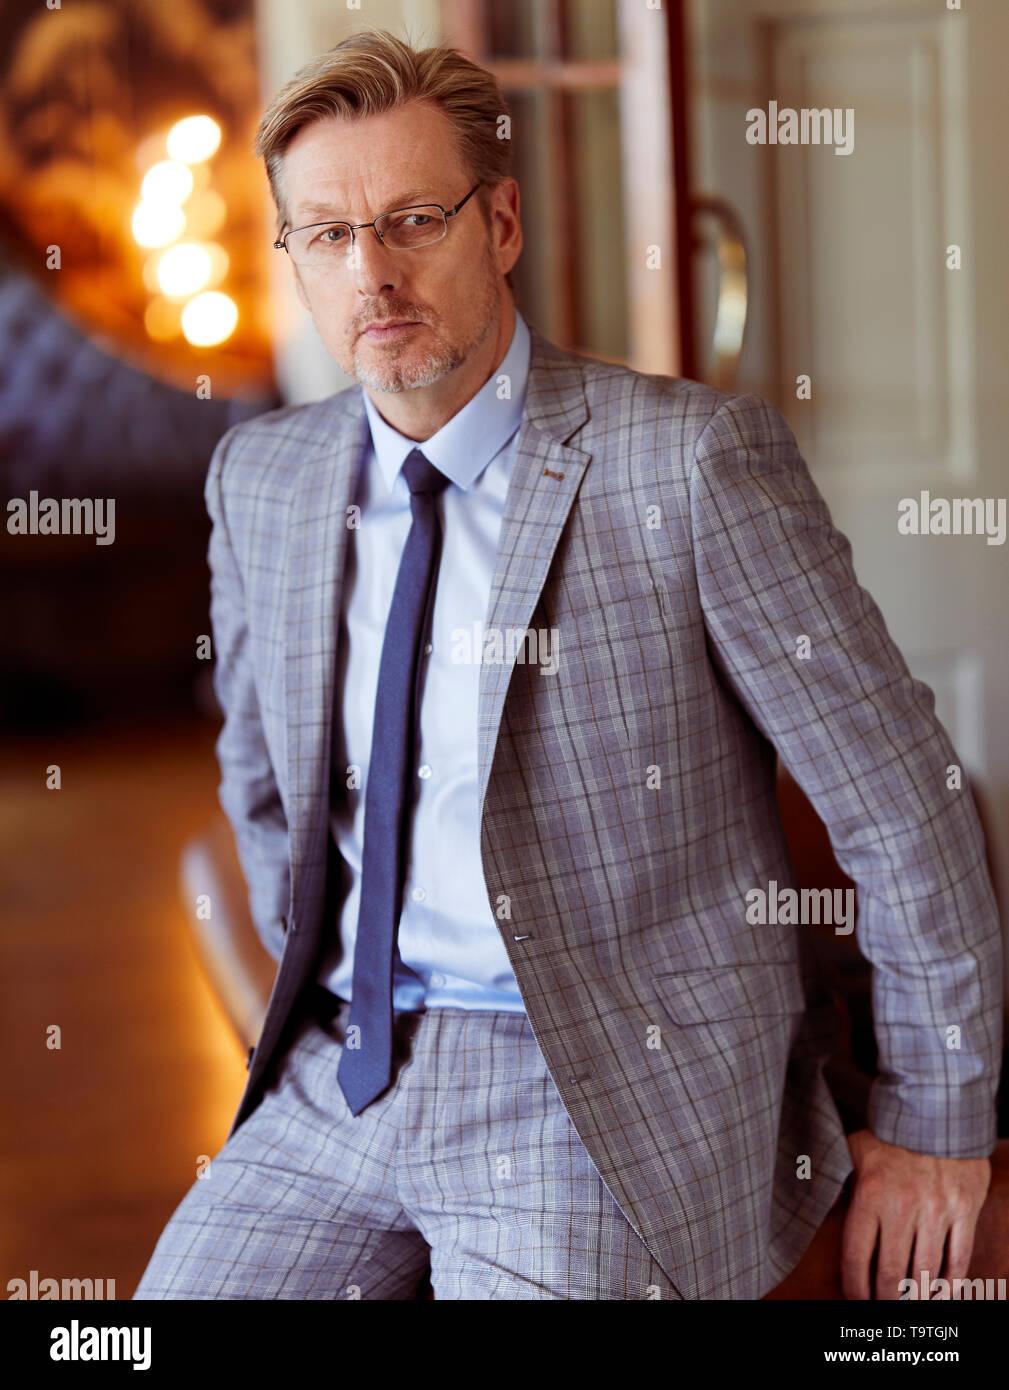 Uomo che indossa gli occhiali cercando apprensivi Foto Stock